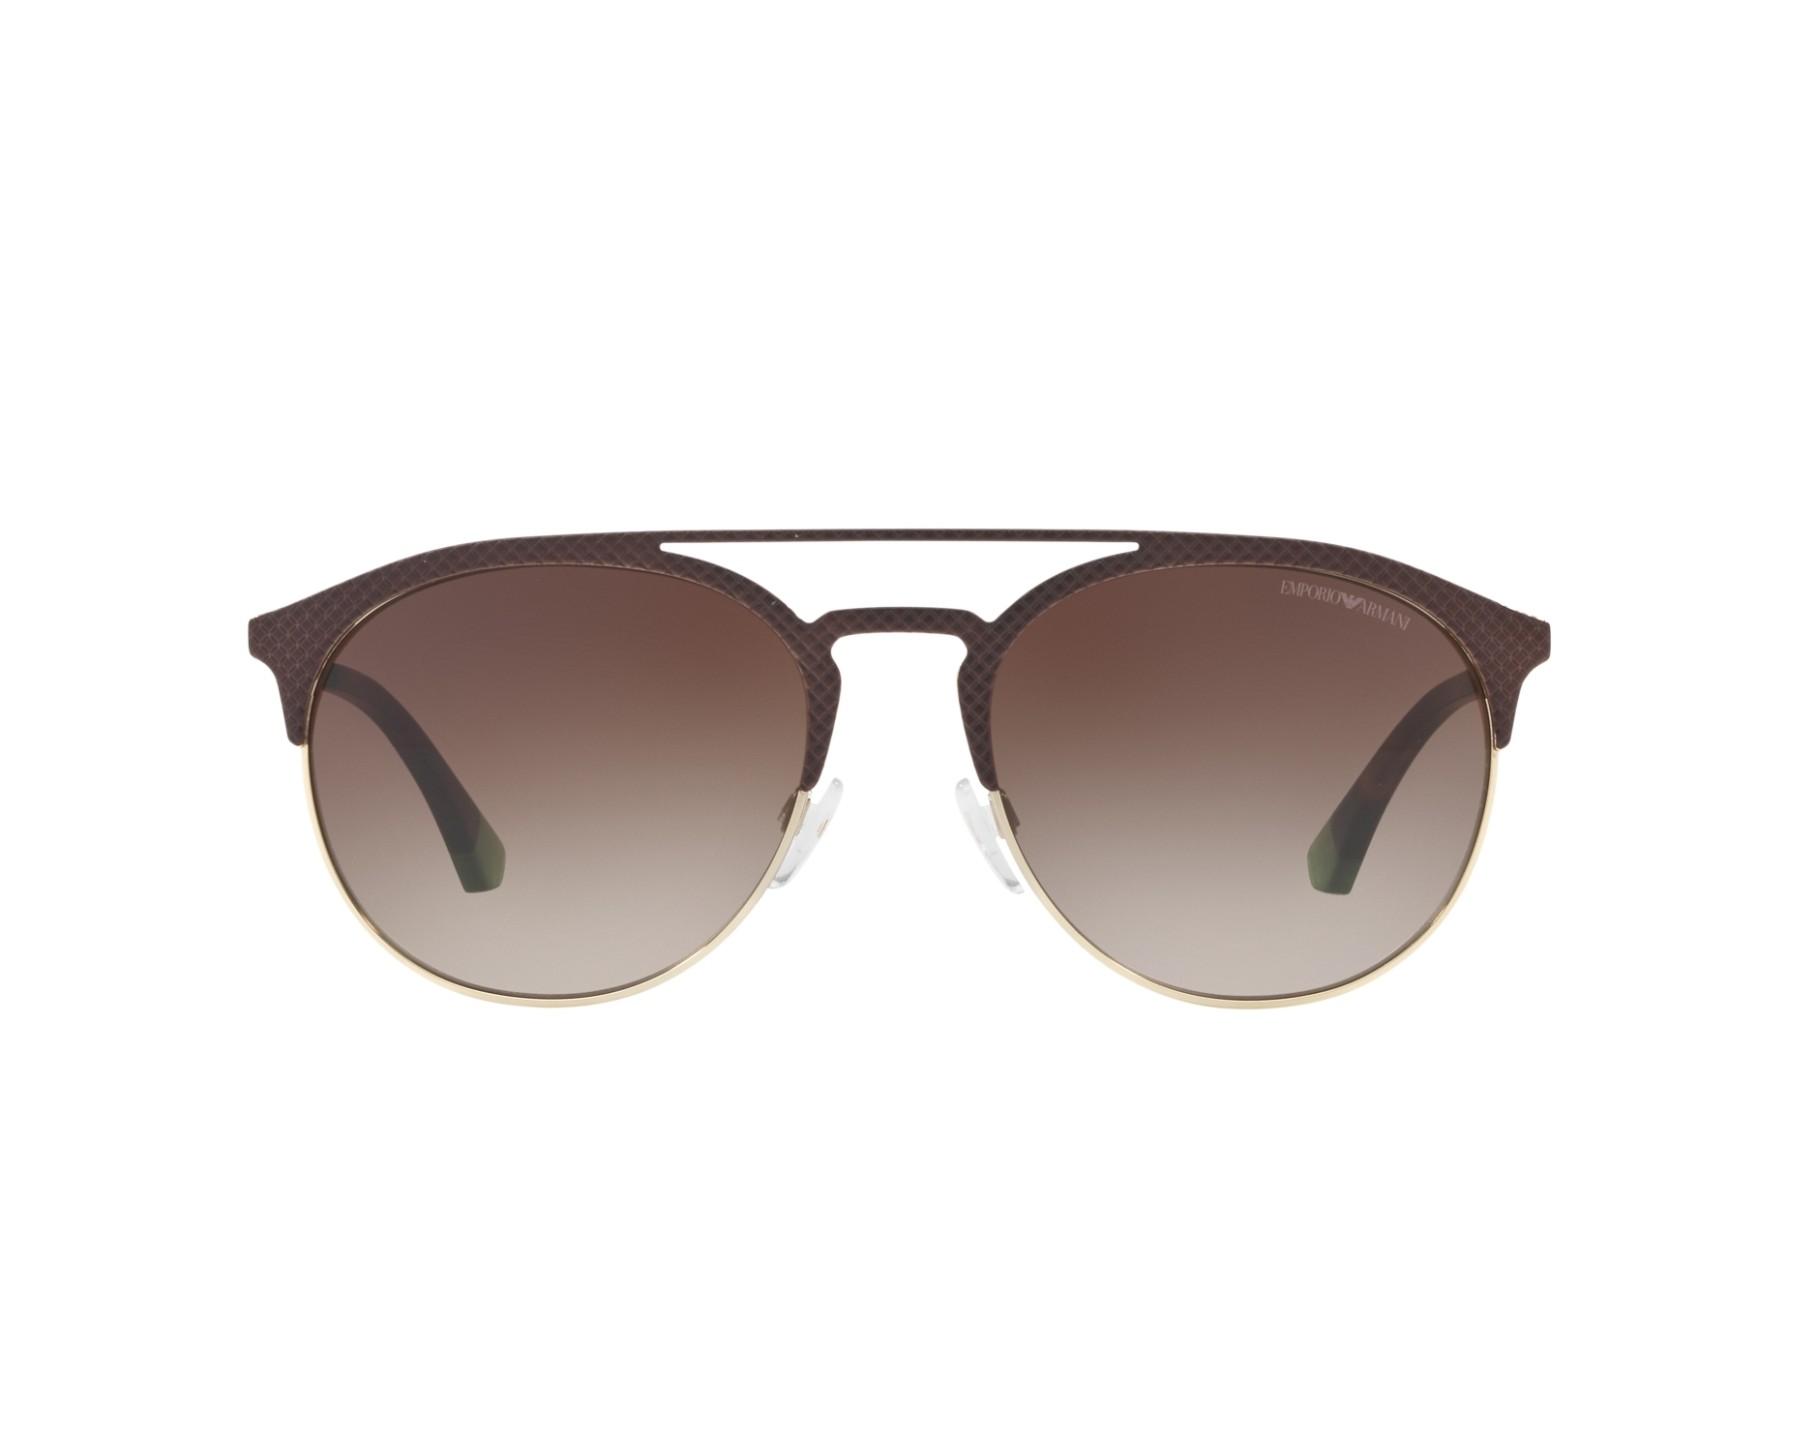 1cf82aed3ff Sunglasses Emporio Armani EA-2052 3182 13 56-19 Brown Gold 360 degree